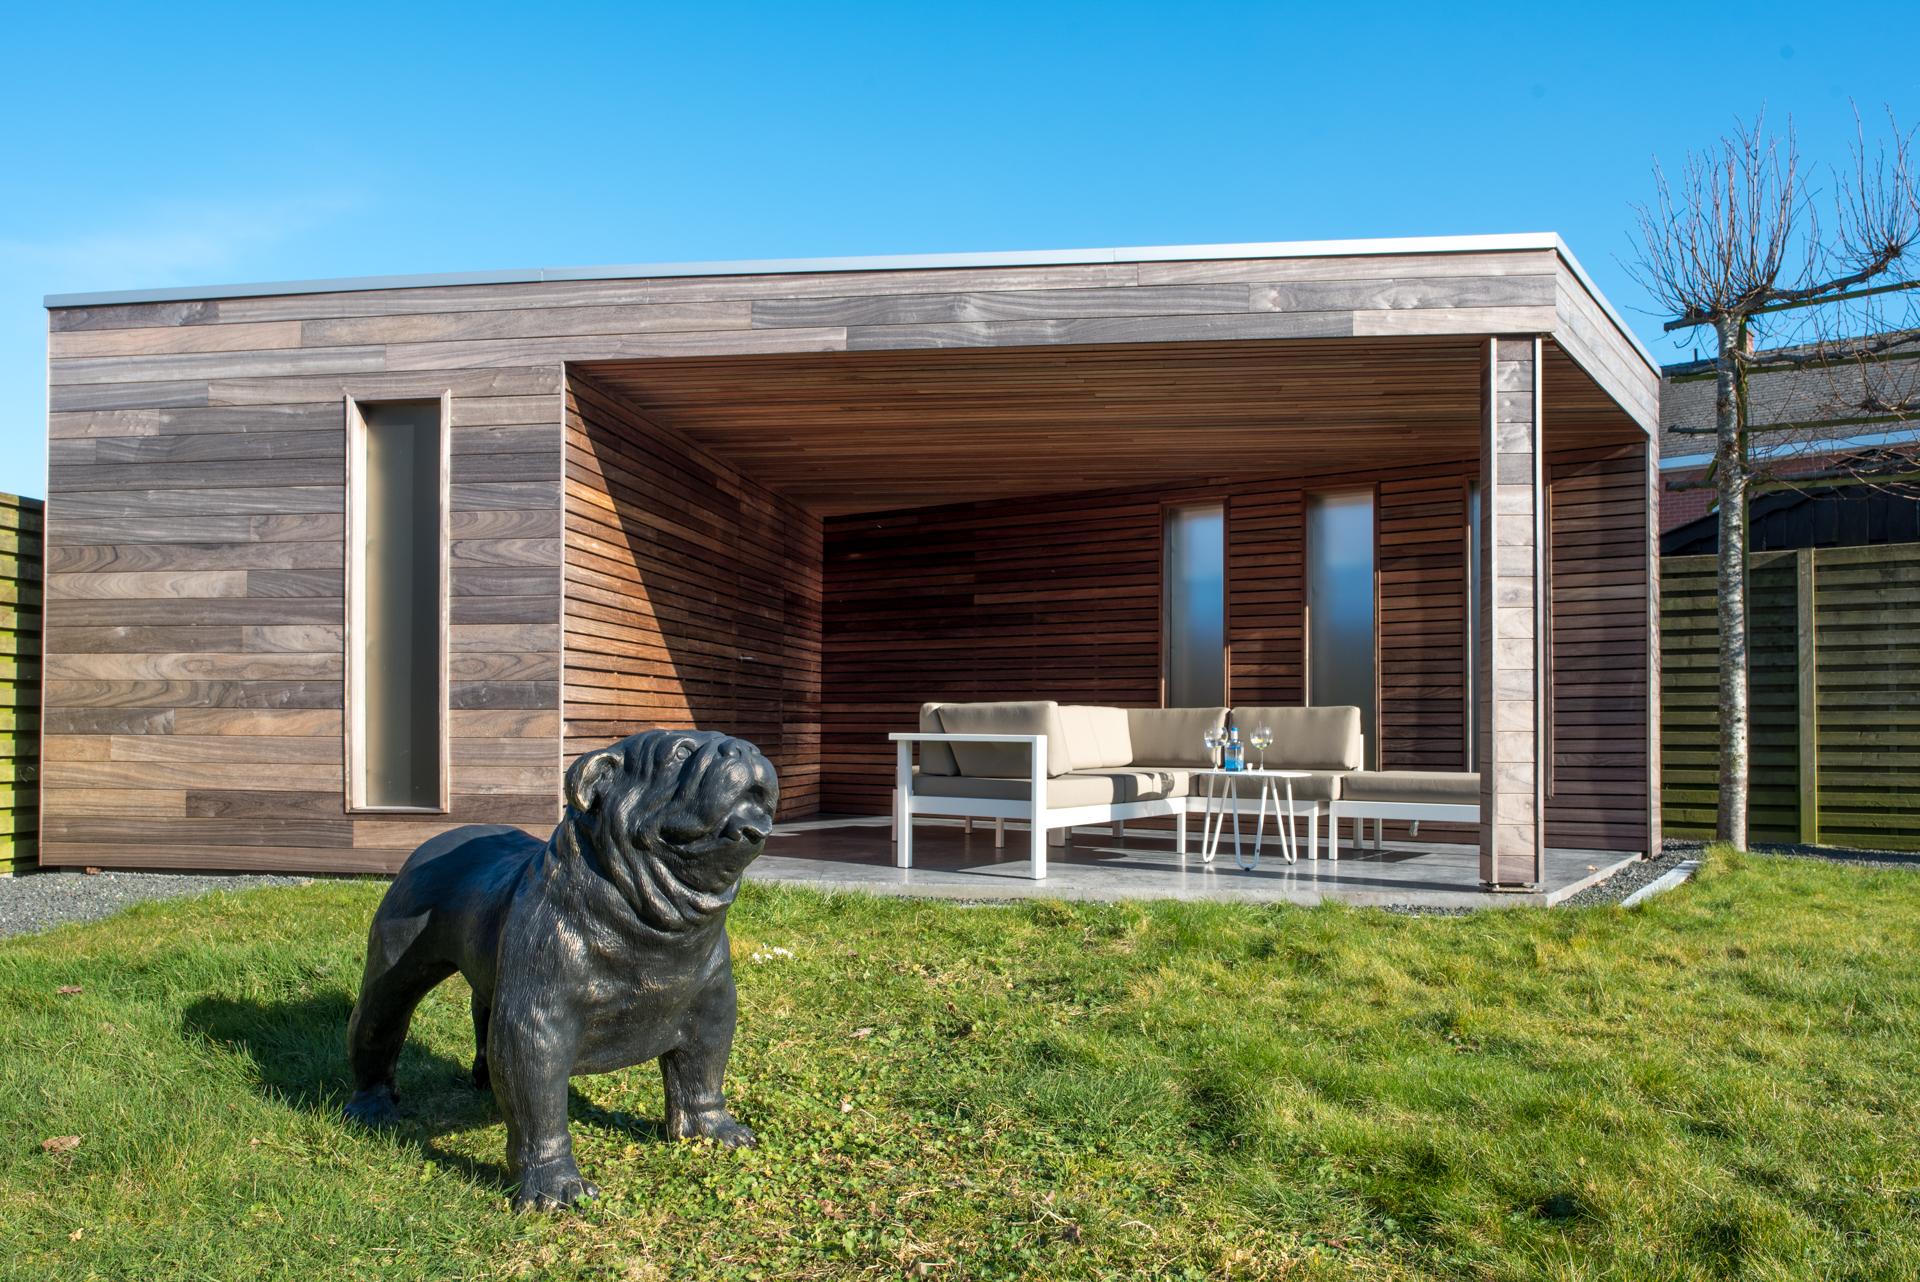 Tuinhuis op maat - Aartrijke - afgewerkt - 2017   Het tuinhuis volledig afgewerkt met gepolierd beton, geïsoleerd, plaatsing van mat glas in de ramen,...